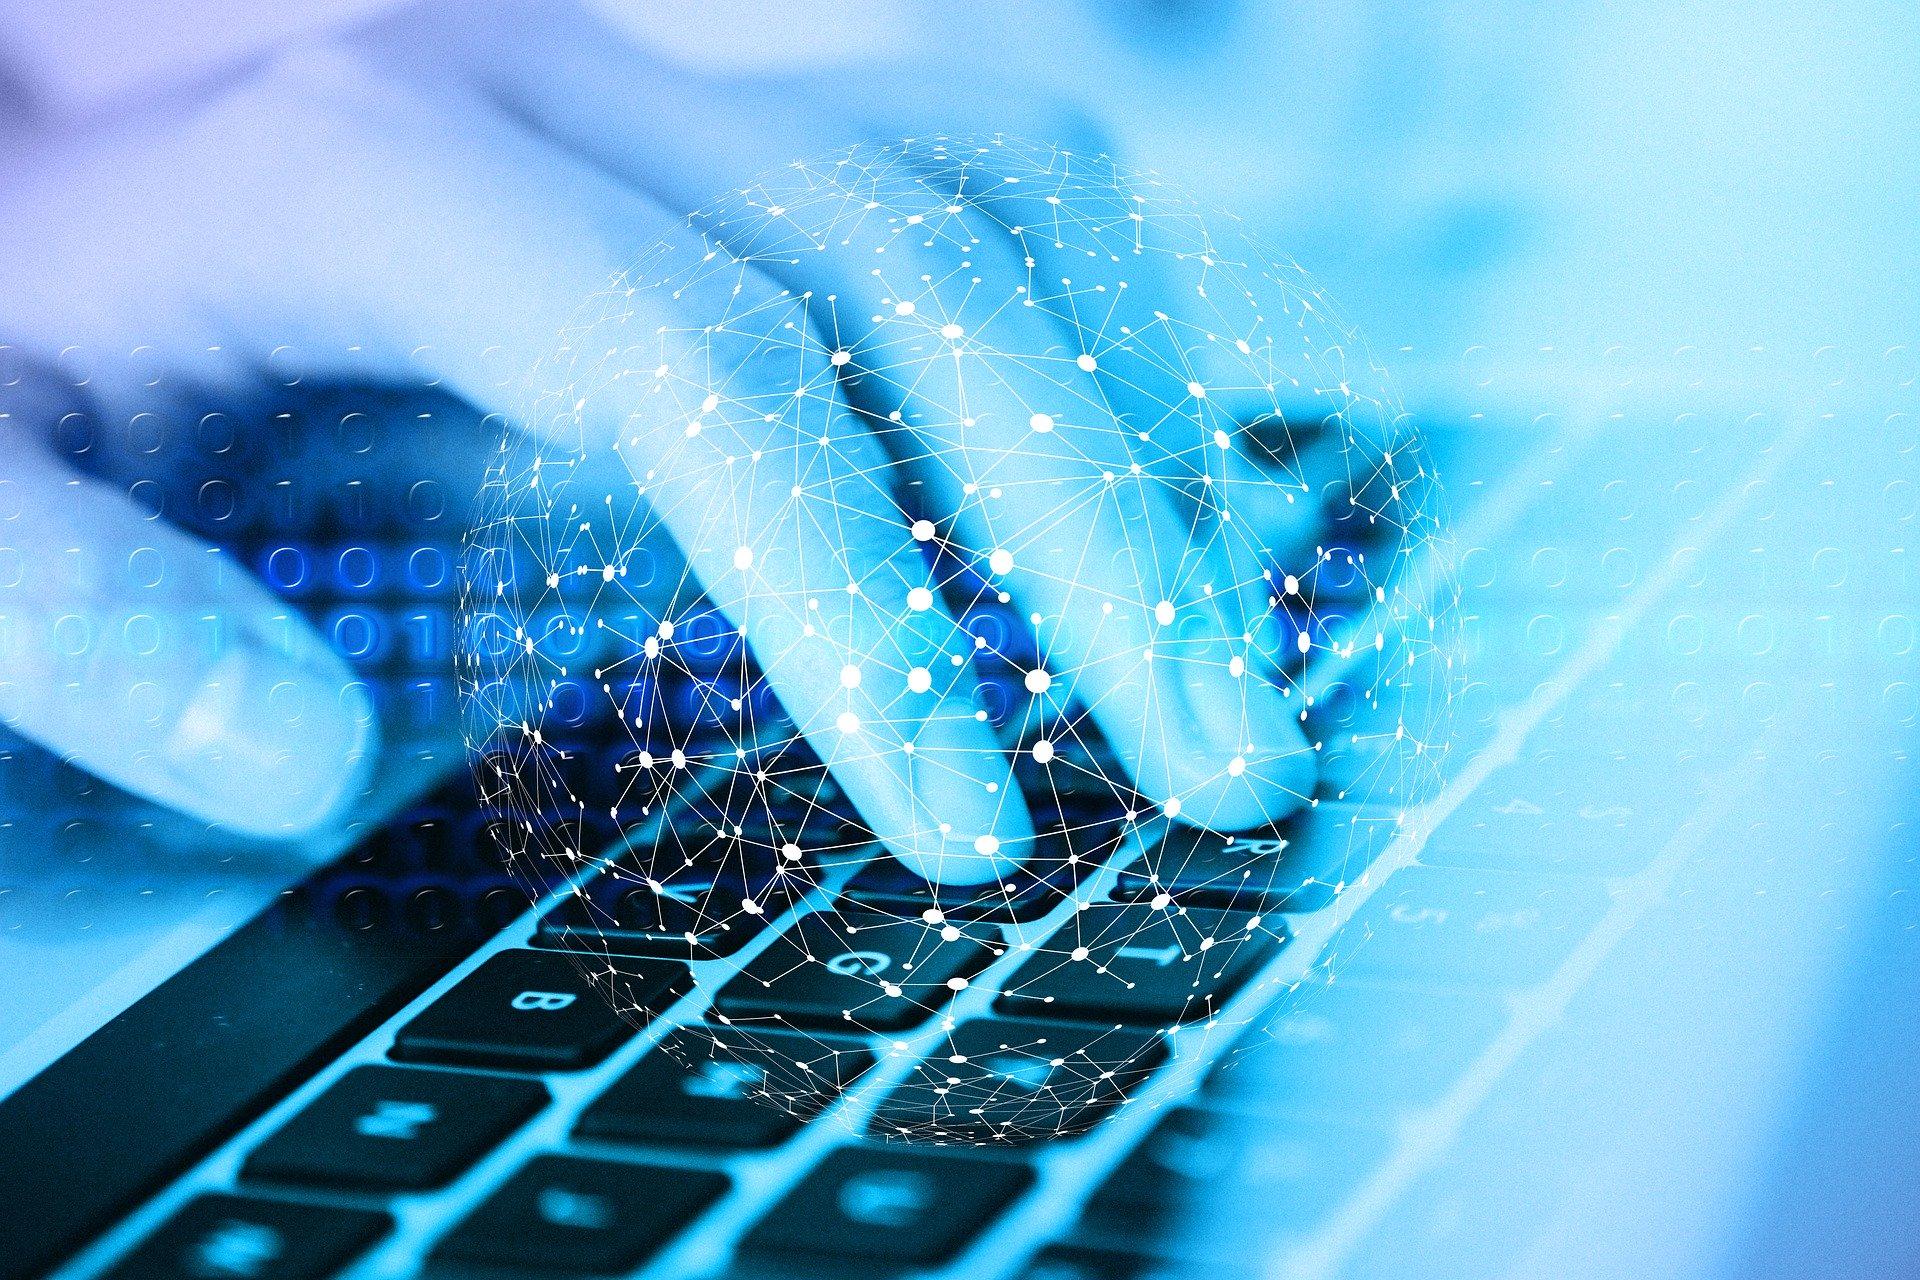 サーバー保守運用の基本。データセンターのセキュリティ対策12選イメージ画像